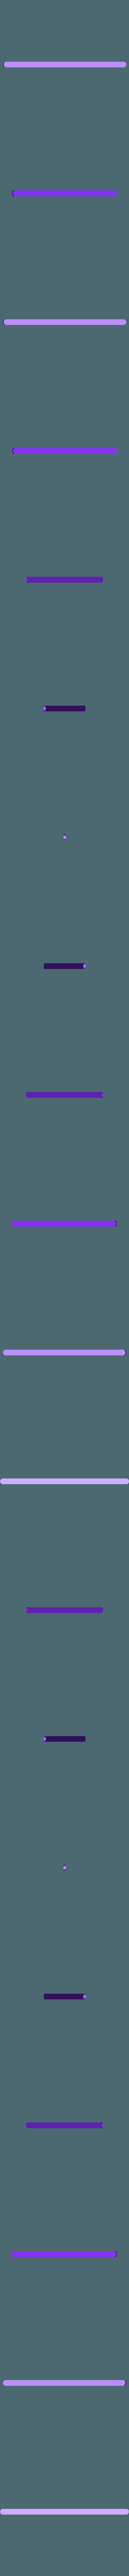 MountStick.stl Télécharger fichier STL gratuit Support de téléphone pour lit IKEA STUVA / FRITIDS • Plan pour impression 3D, Milan_Gajic